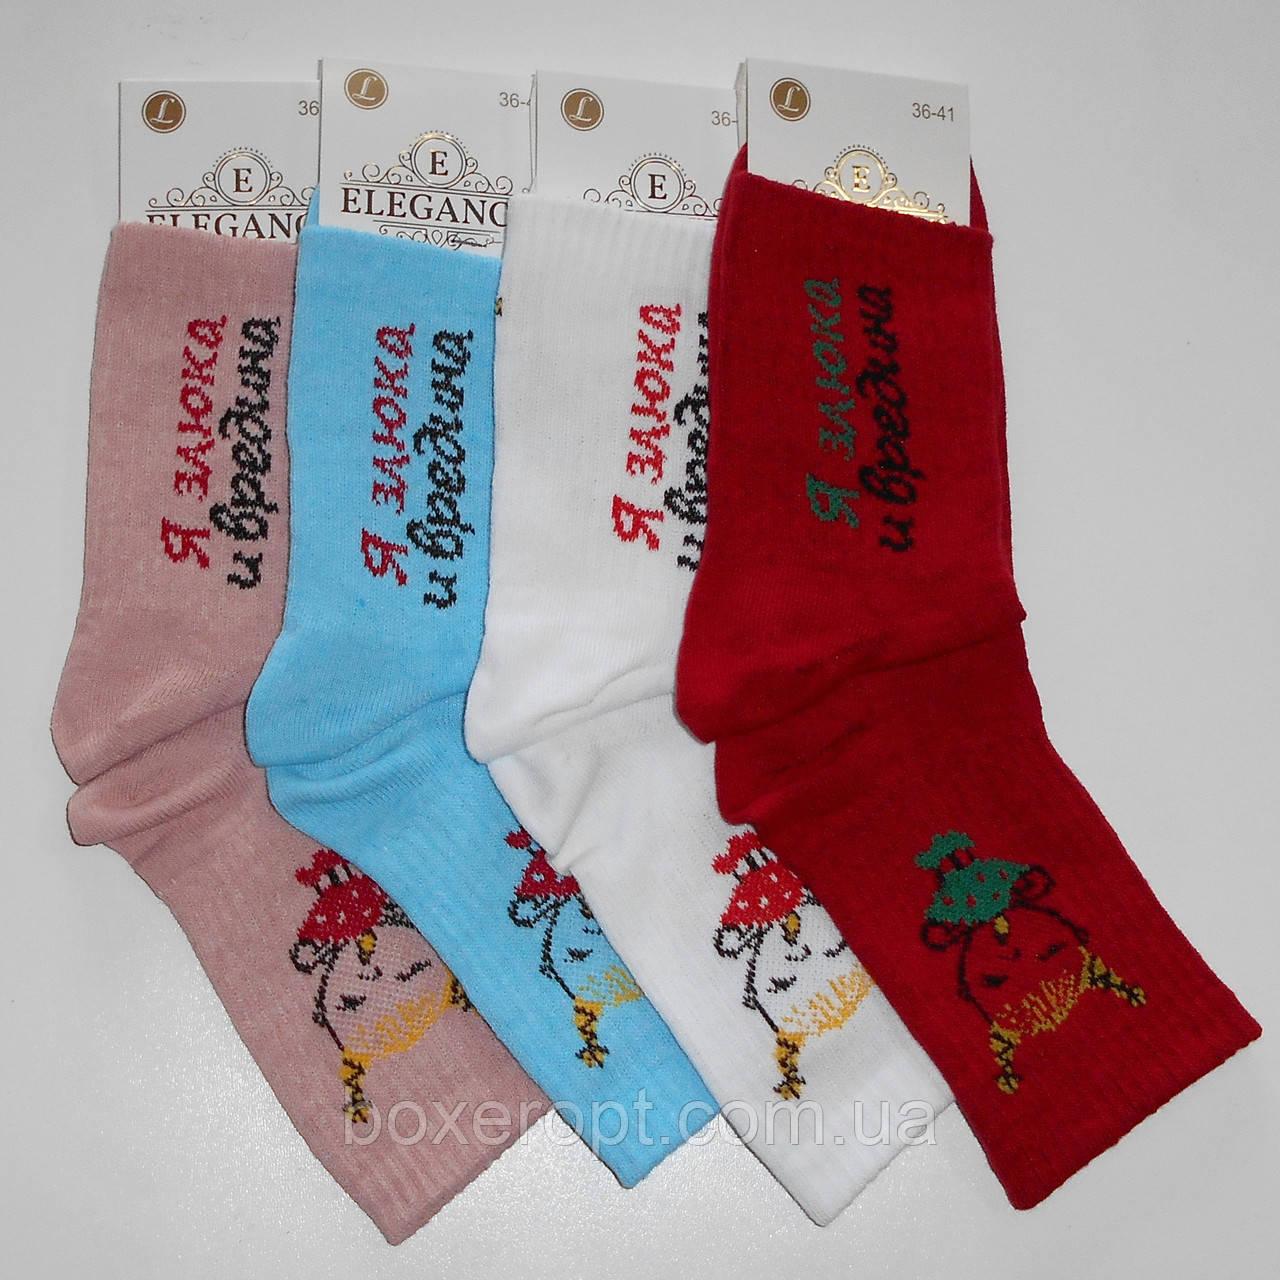 Женские носки с приколами Elegance - 9.00 грн./пара (высокие, злюка)